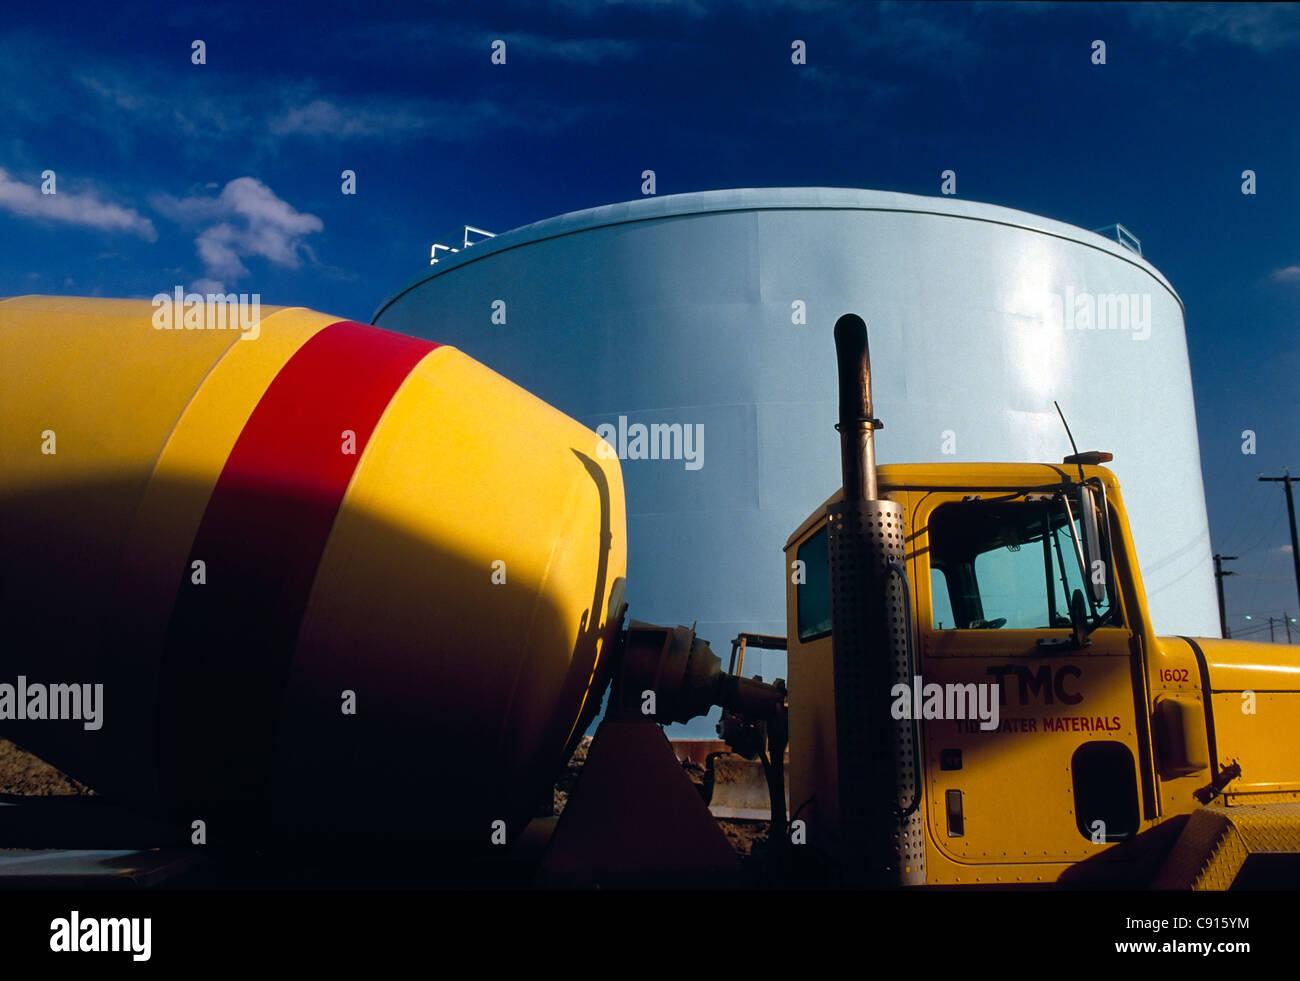 Giallo carrello di cemento sul sito della costruzione di un impianto di trattamento delle acque, Hopewell, Virginia, Foto Stock